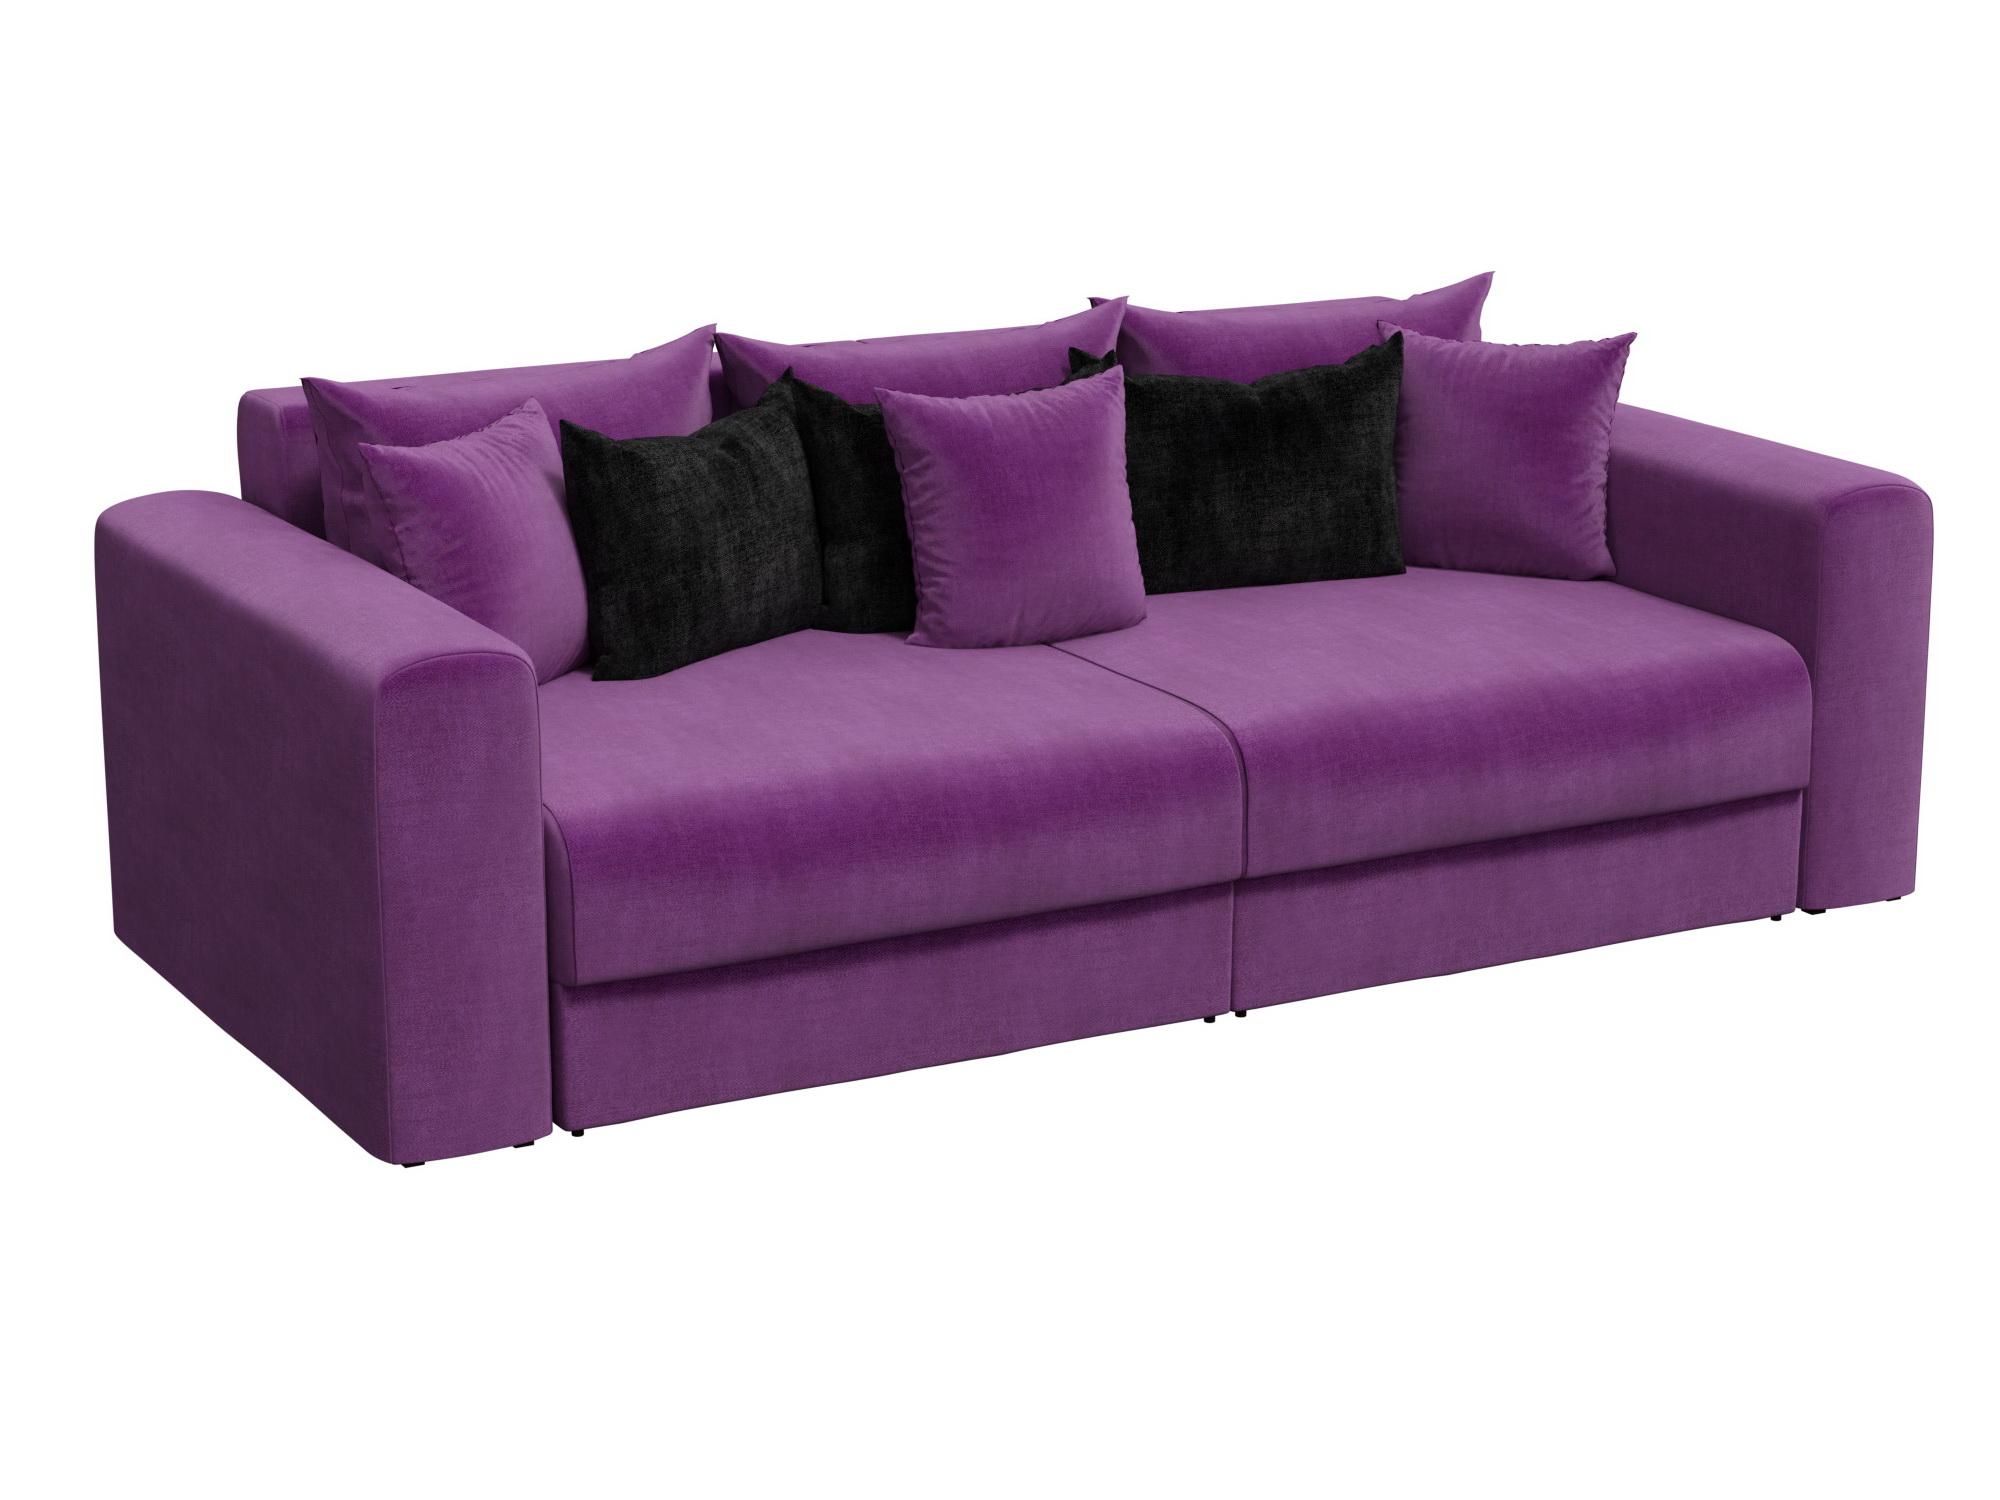 Диван прямой Мебелико Мэдисон микровельвет фиолетовый/ подушки черный